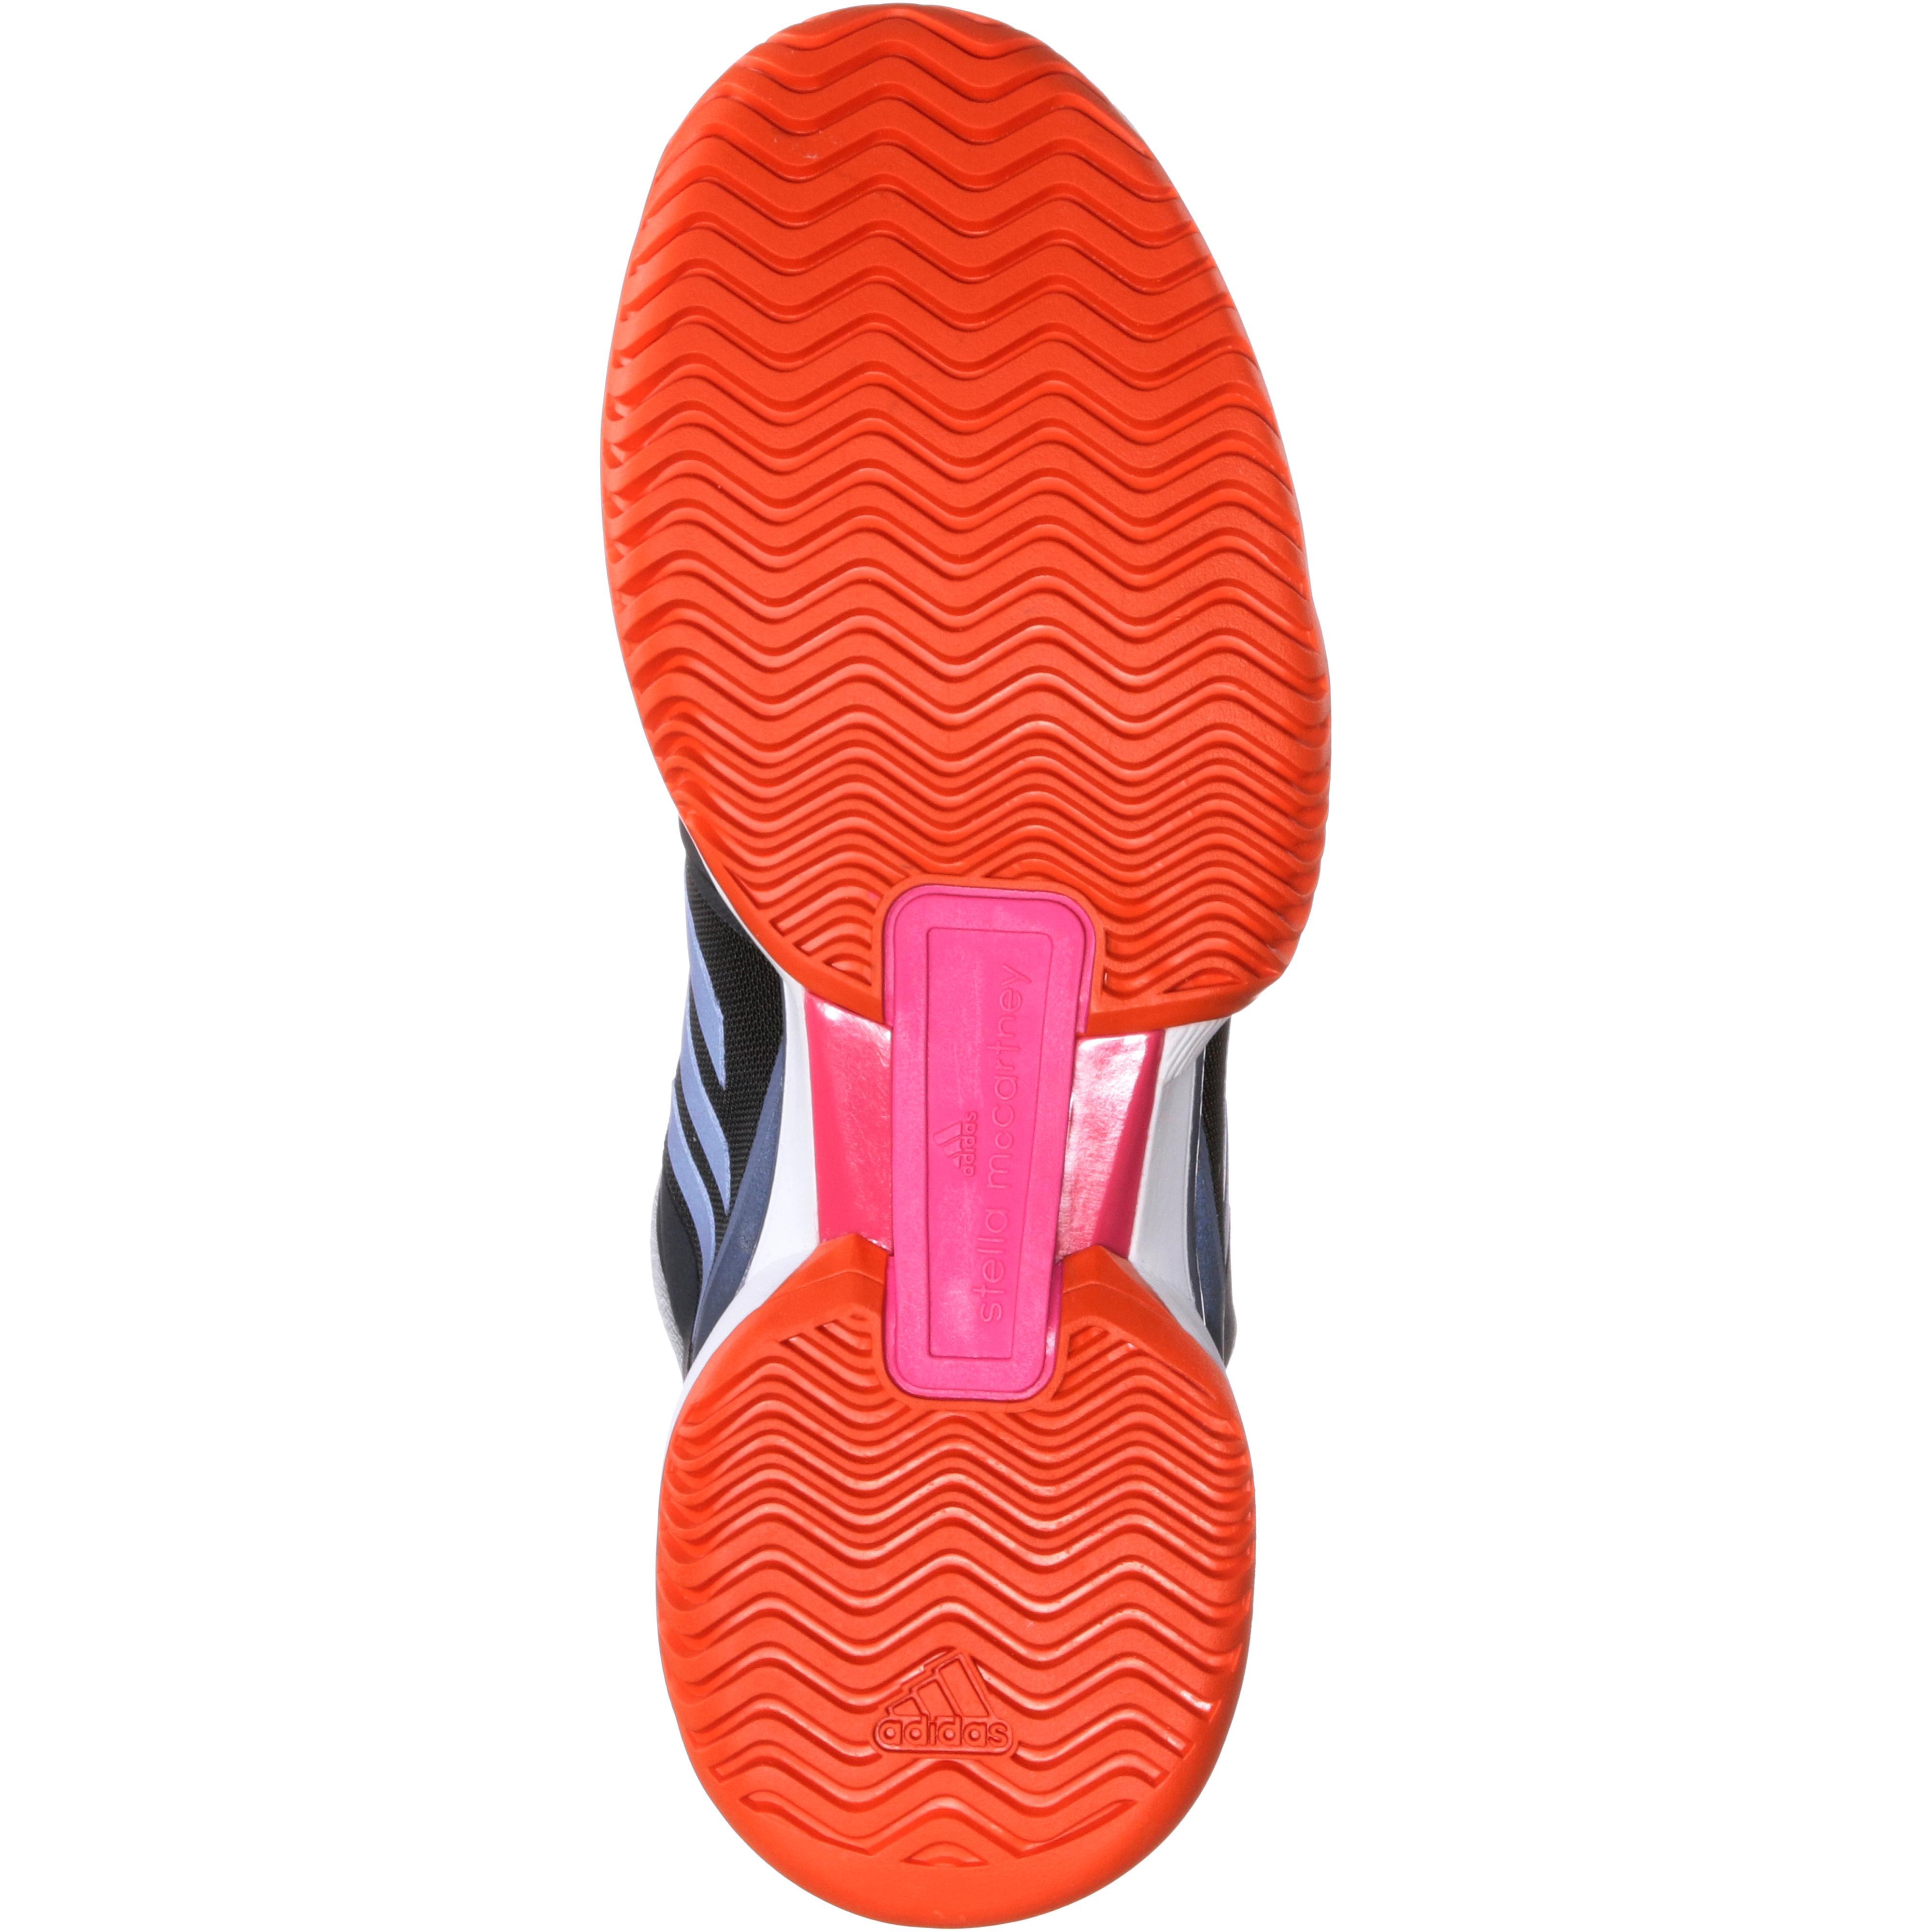 Adidas aSMC Barricade 2017 Tennisschuhe Damen Damen Damen legend Blau im Online Shop von SportScheck kaufen Gute Qualität beliebte Schuhe 4b5c9a